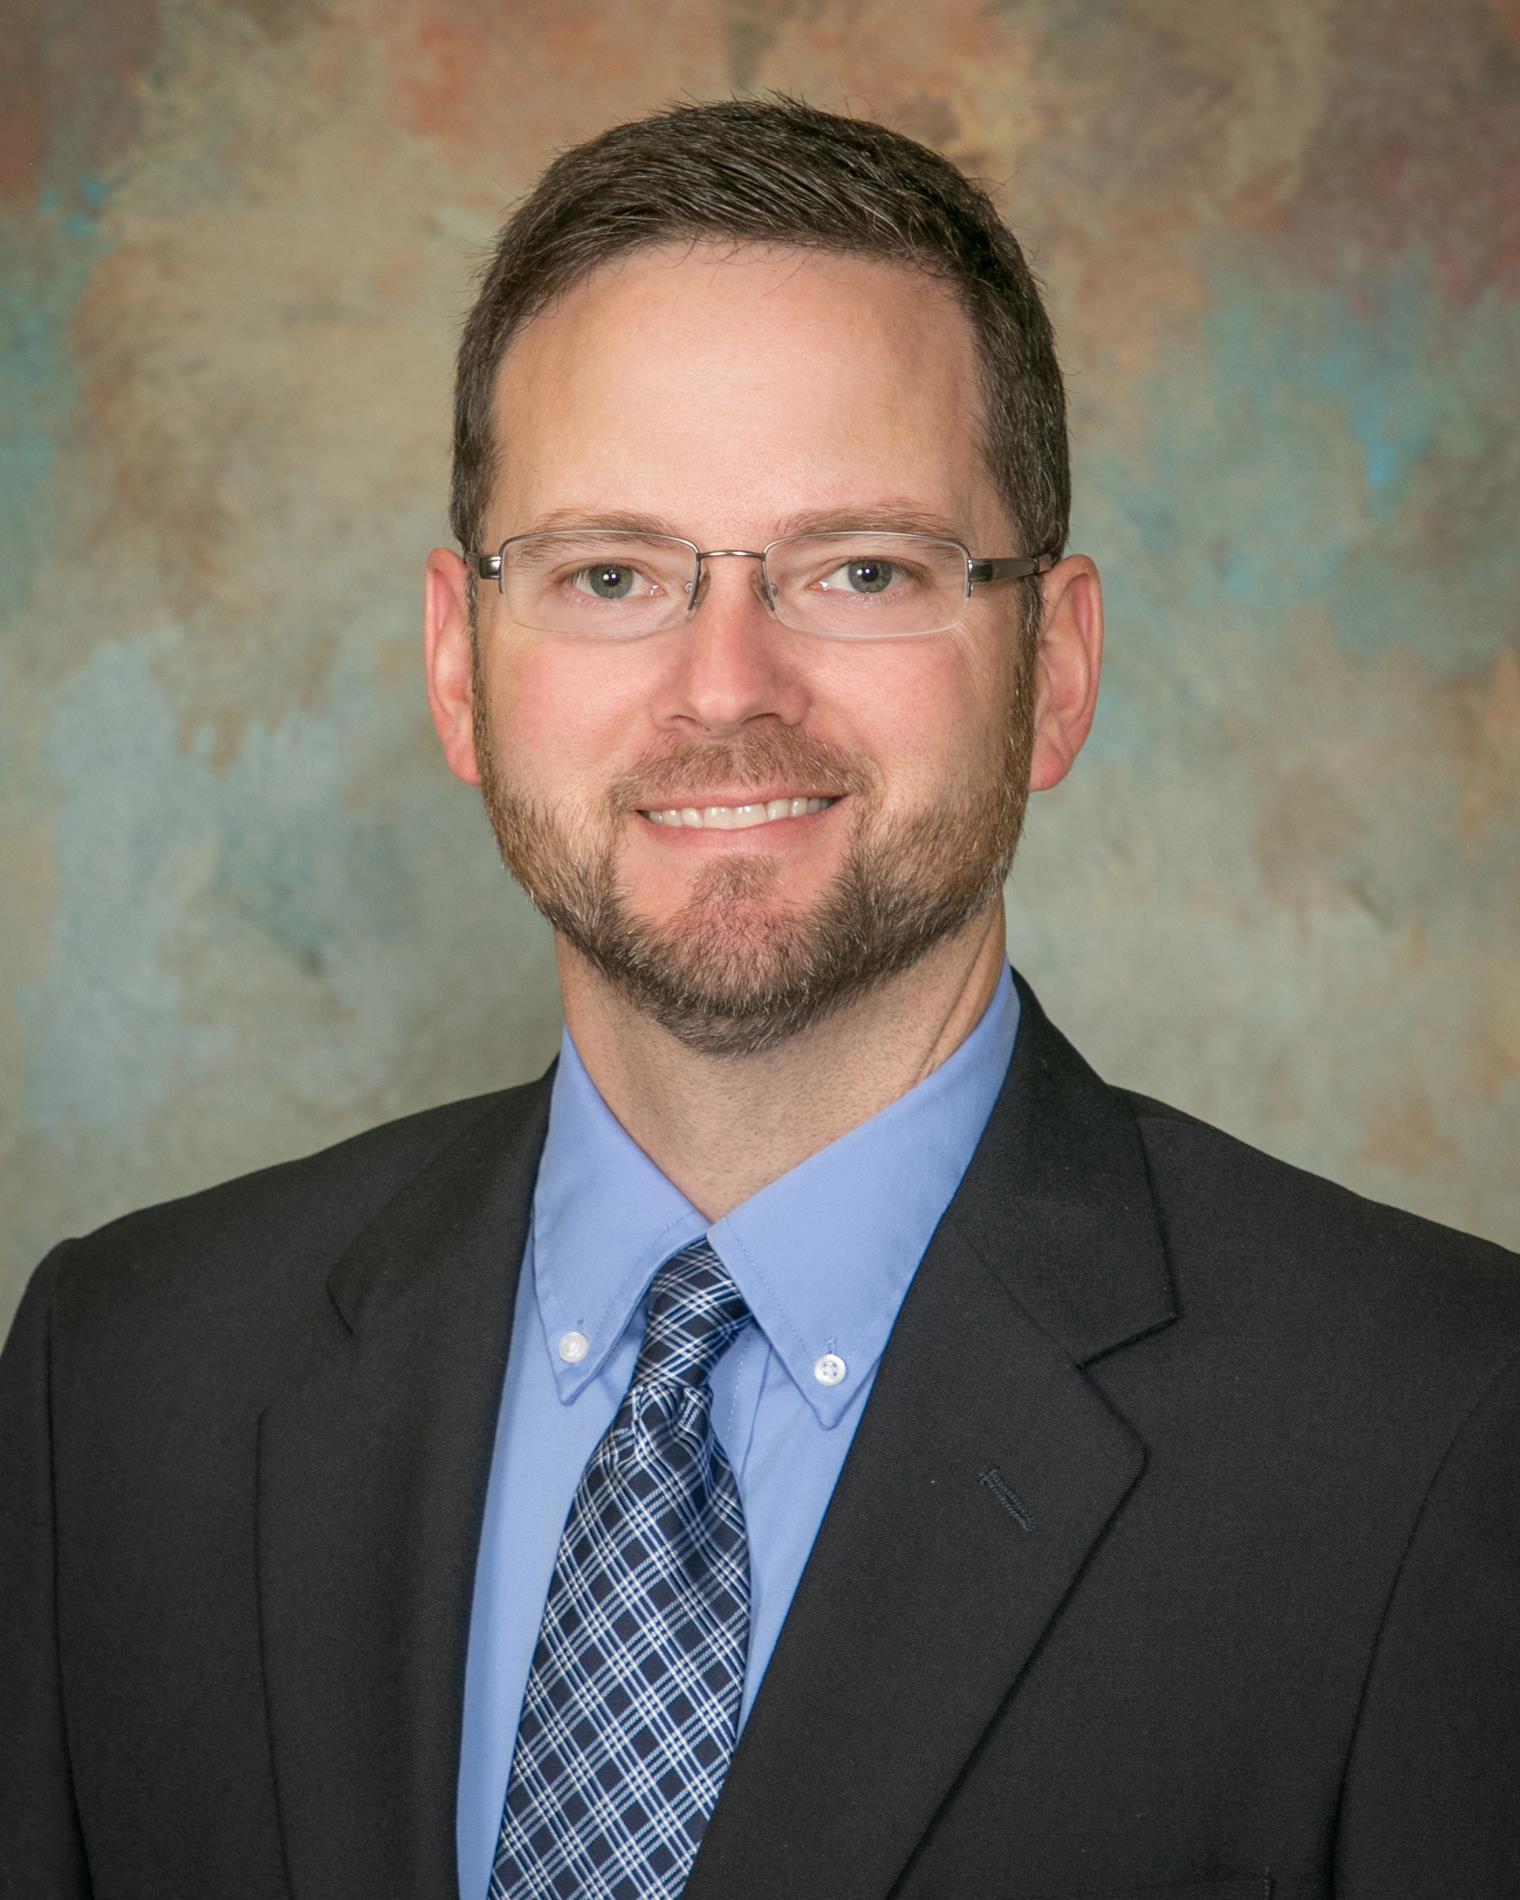 Jeff Hatfield